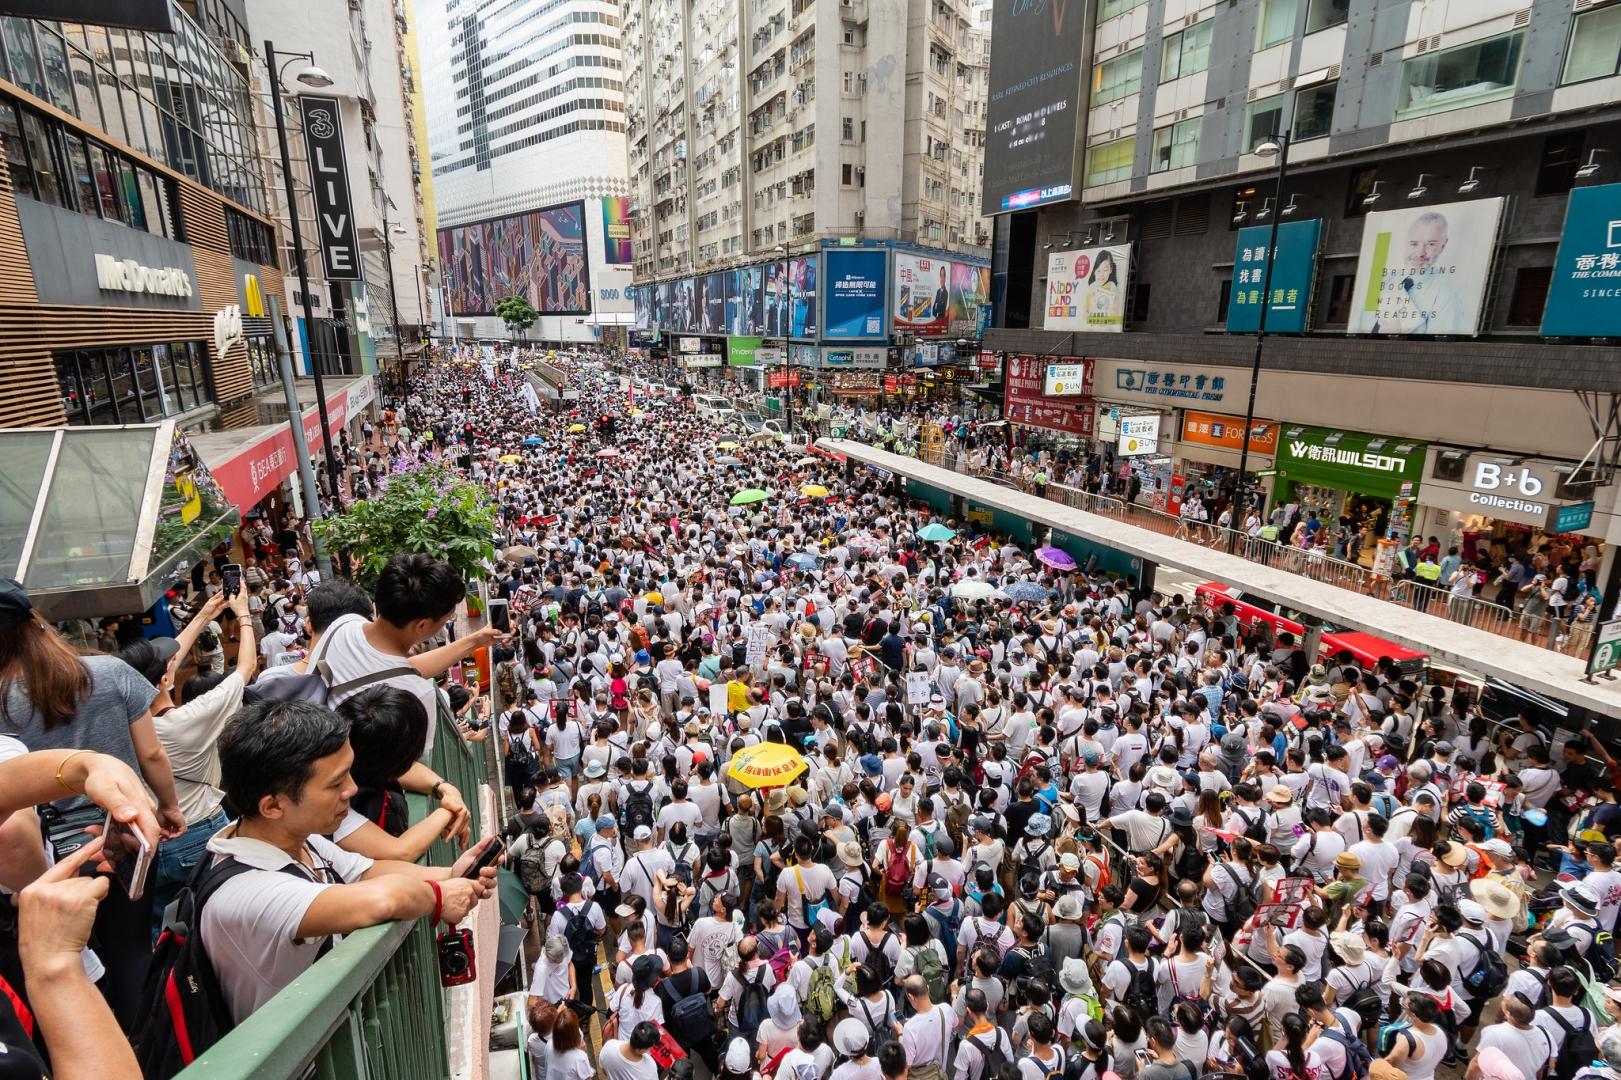 Протесты в Гонконге привели к проблемам на рынке занятости